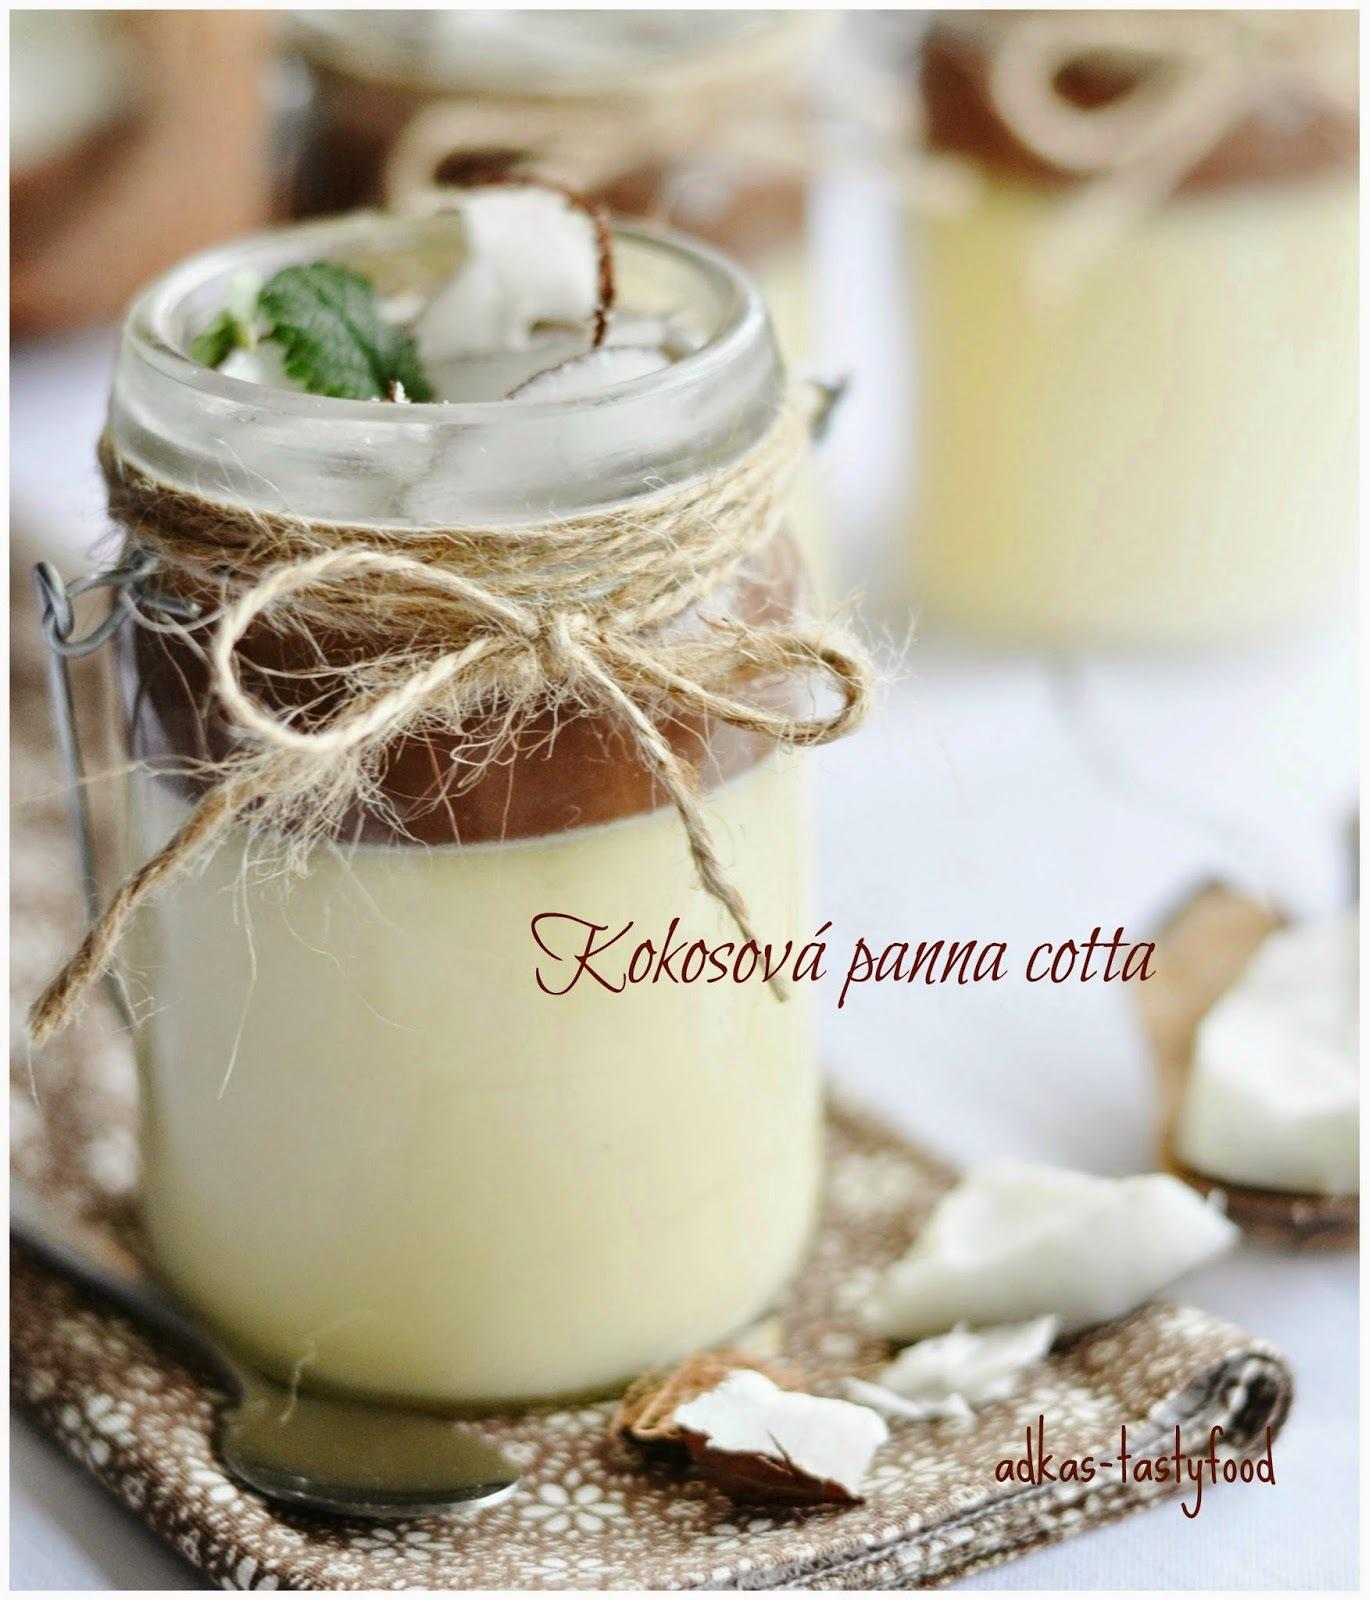 Kokosová panna cotta s čokoládovou polevou